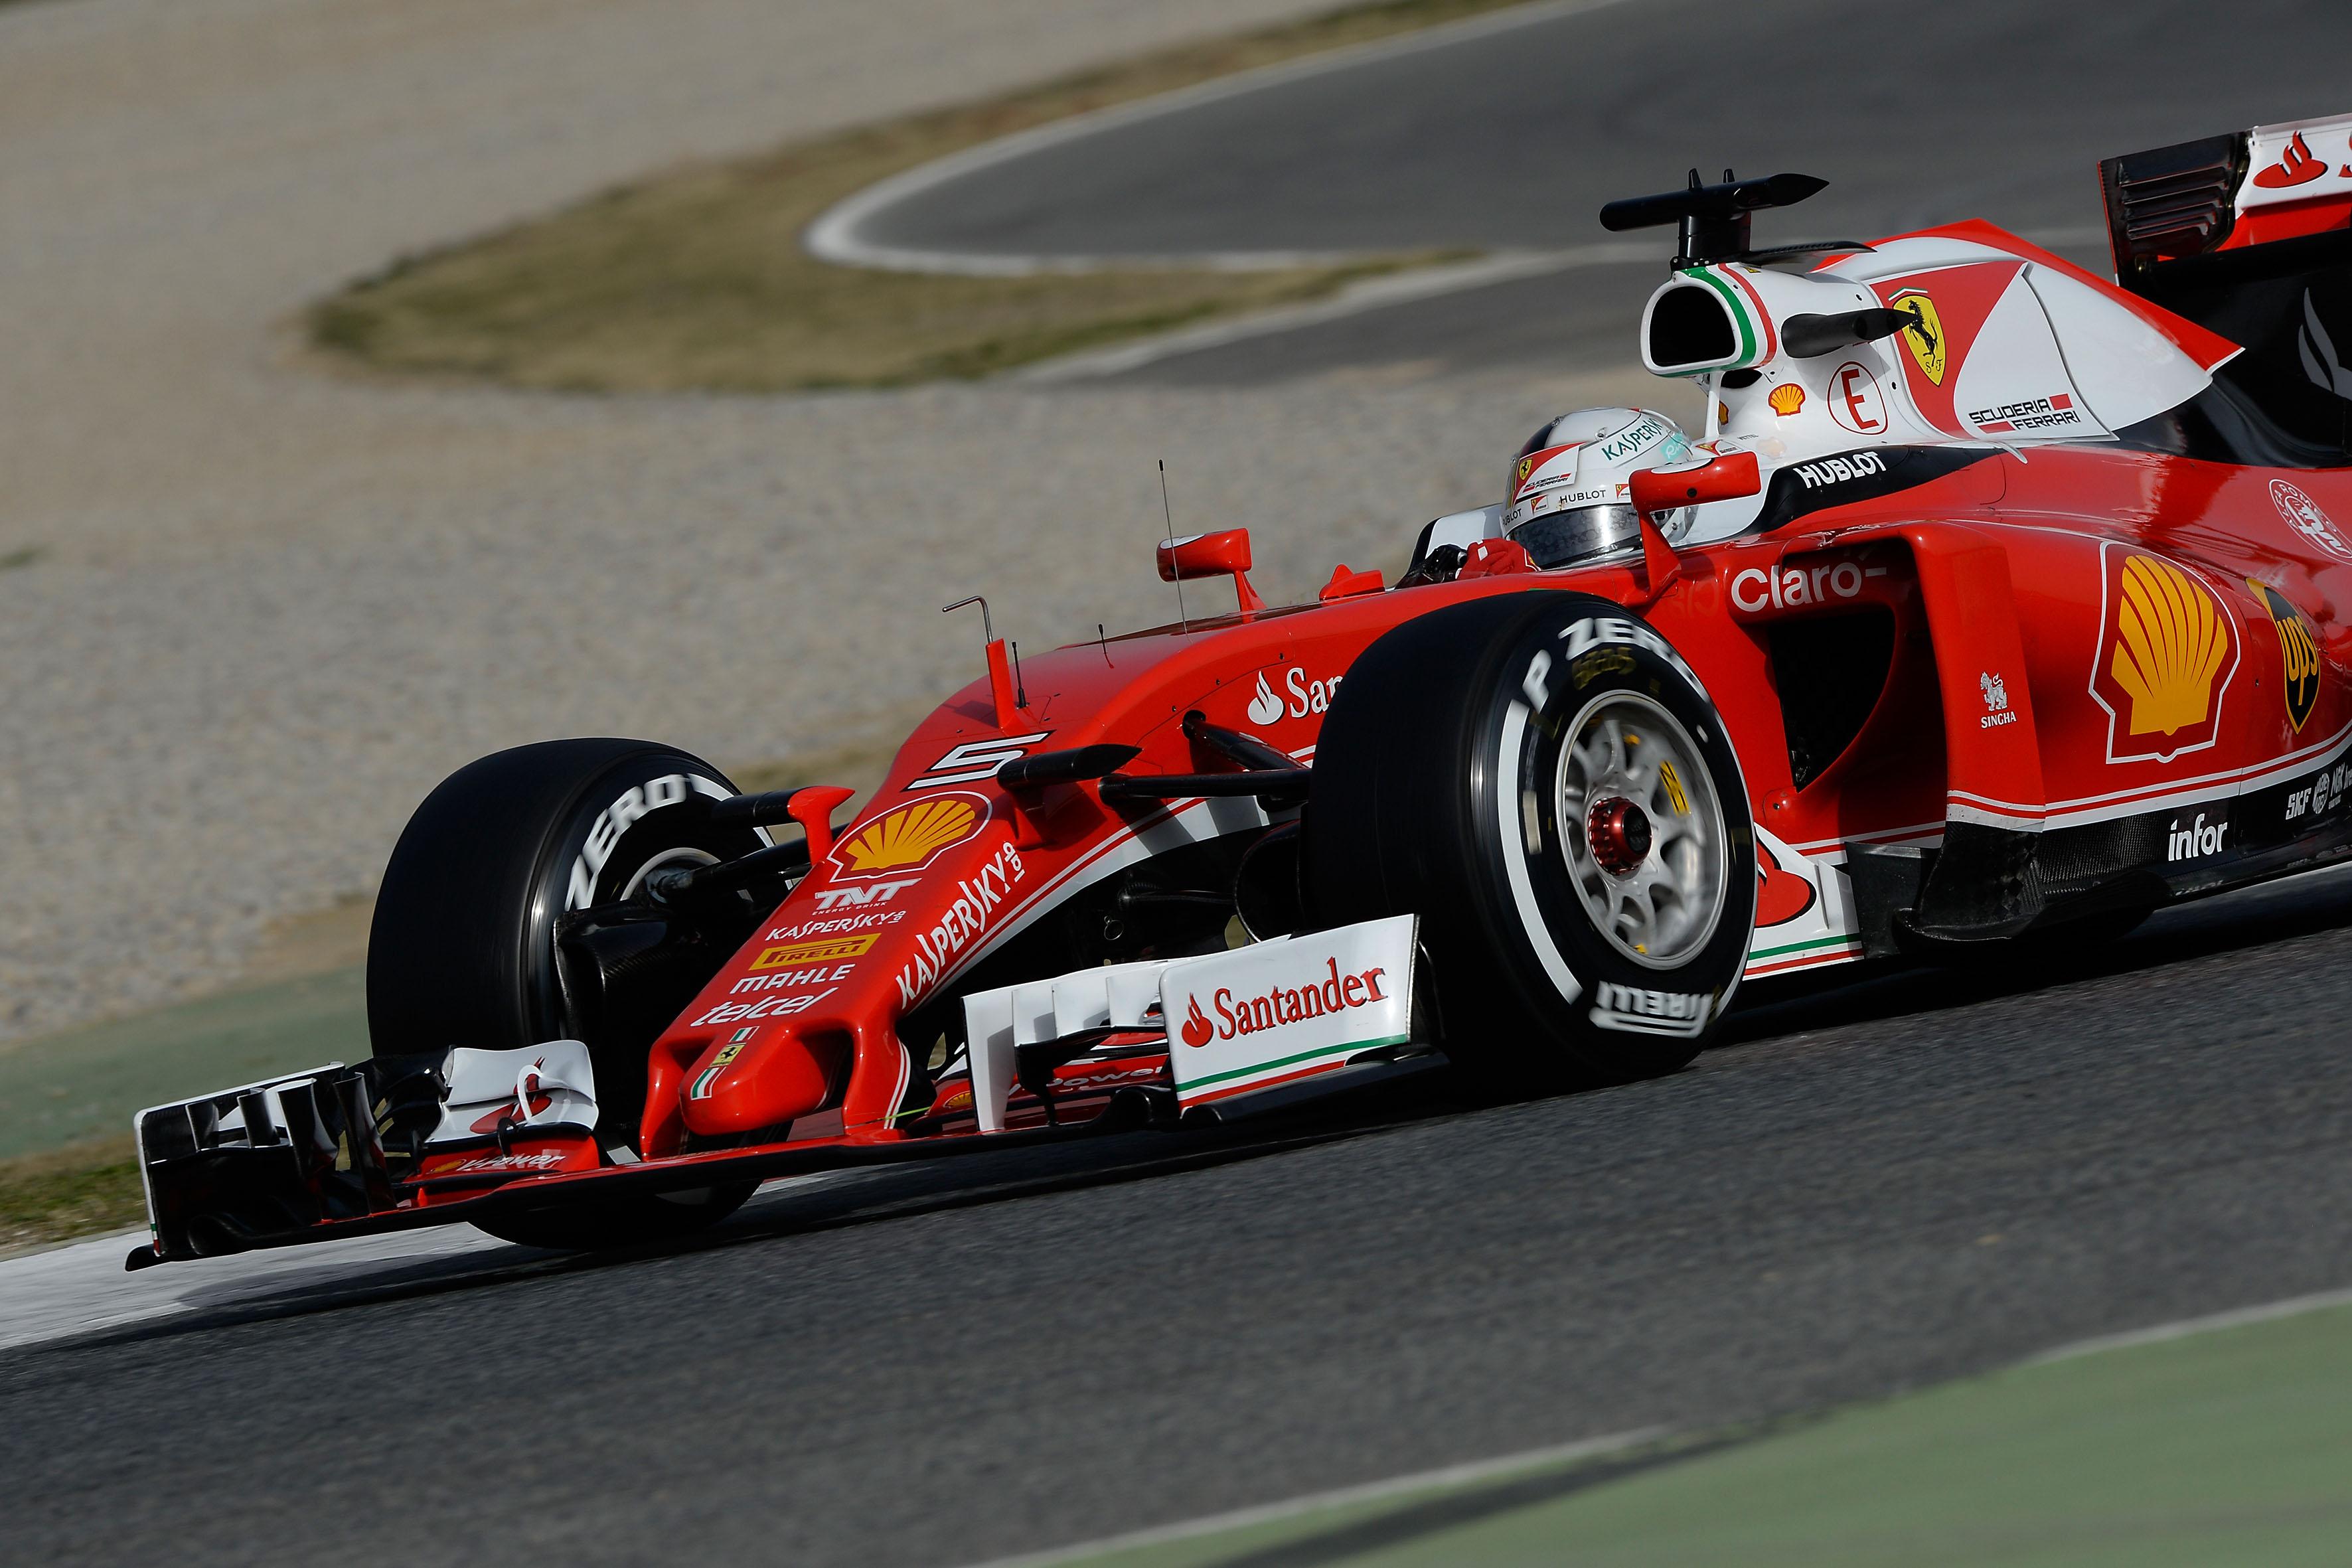 Sebastian Vettel driving the Ferrari SF16-H & Wallpaper pictures 1st 2016 Barcelona F1 test | F1-Fansite.com